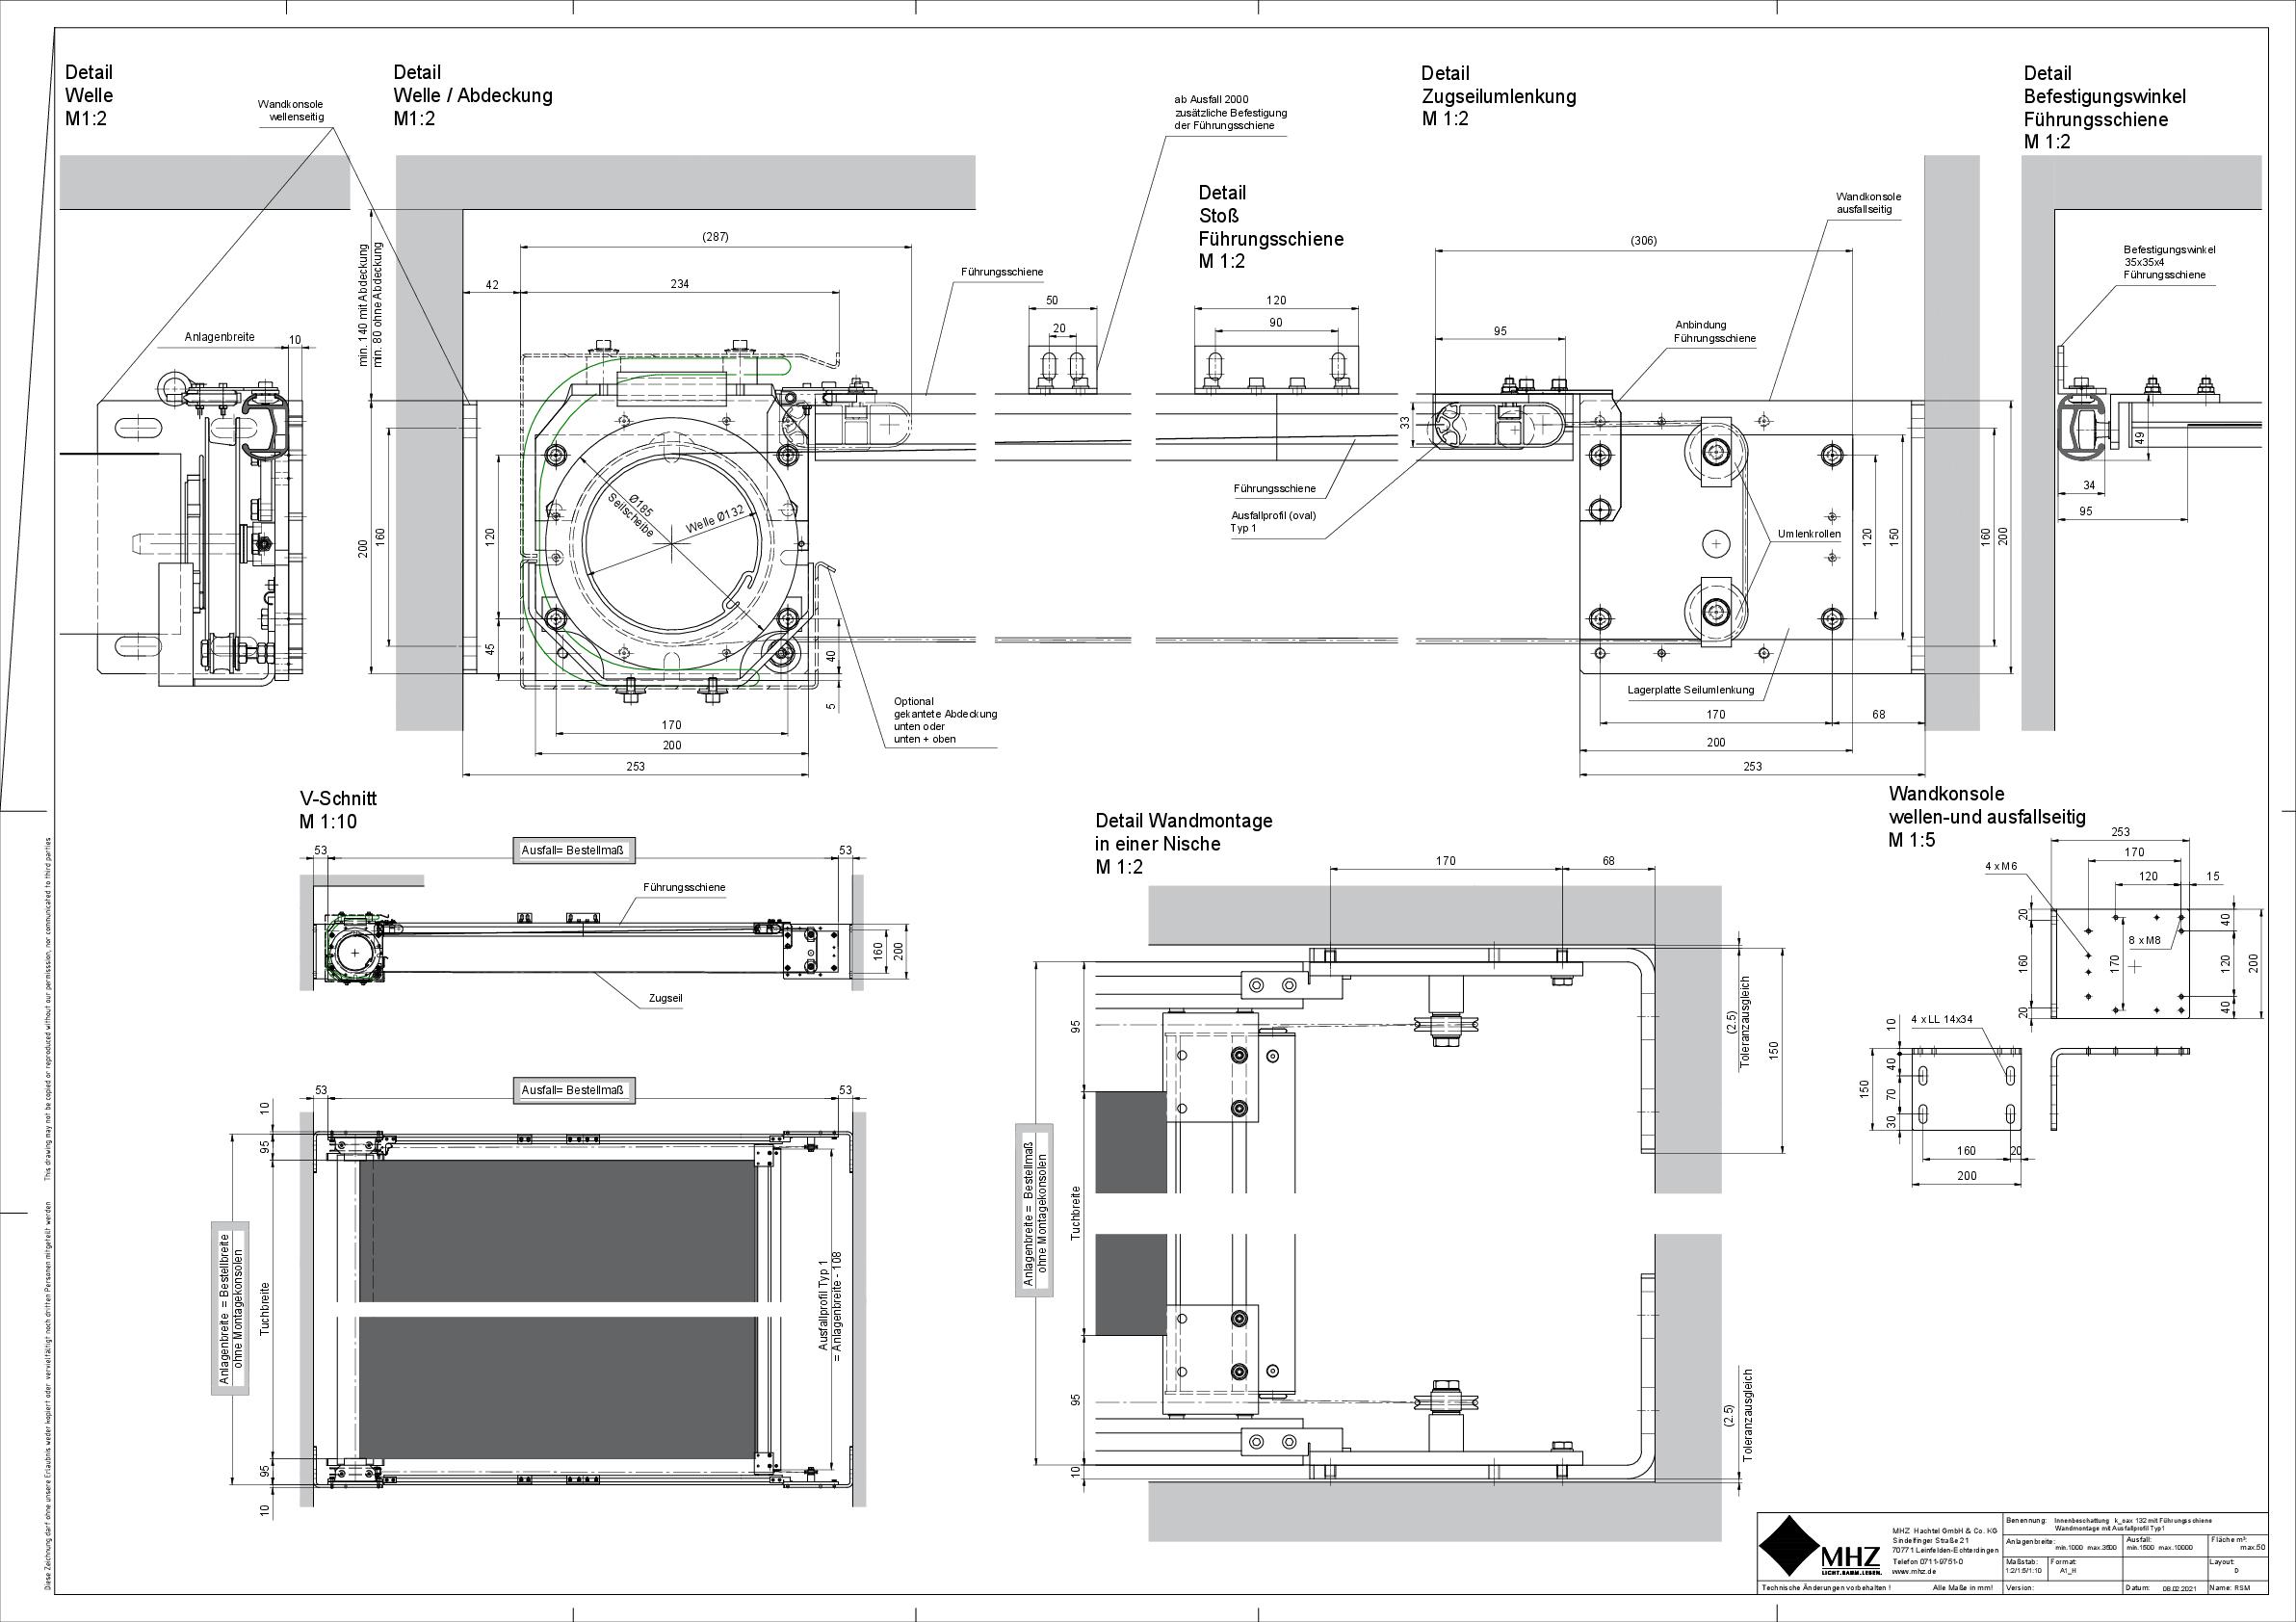 Technische Zeichnung Beschattung k_oax 132 Führungsschiene (dwg)